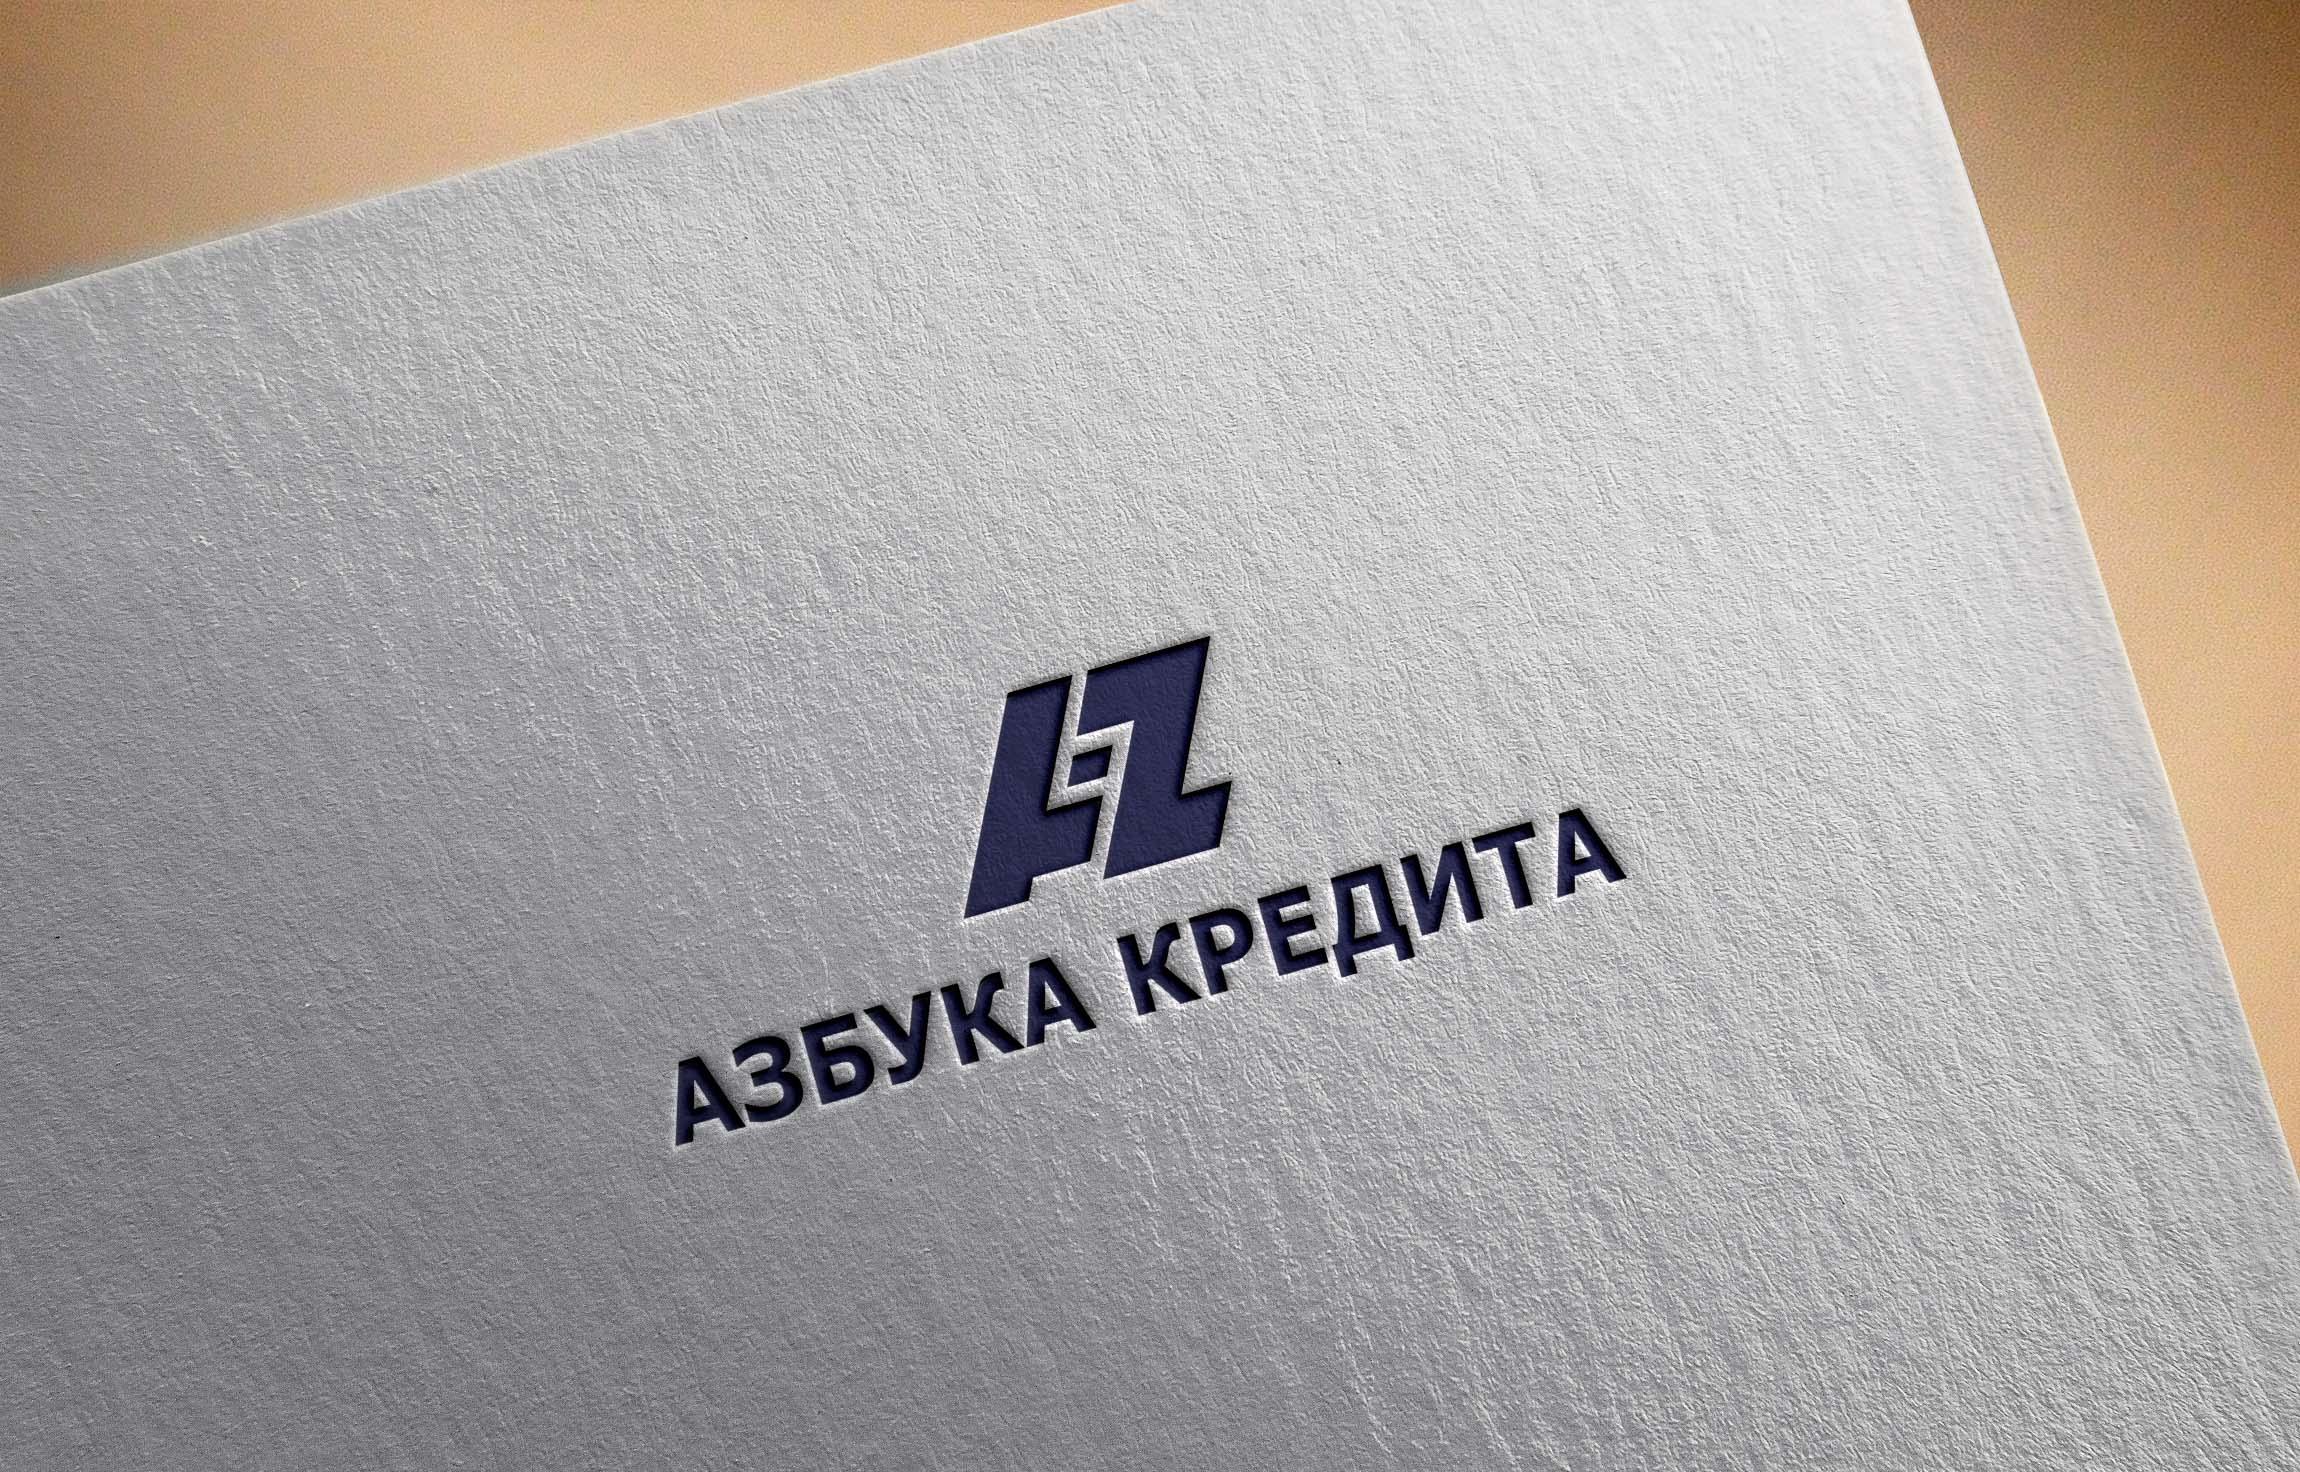 Разработать логотип для финансовой компании фото f_9695debd4449659c.jpg